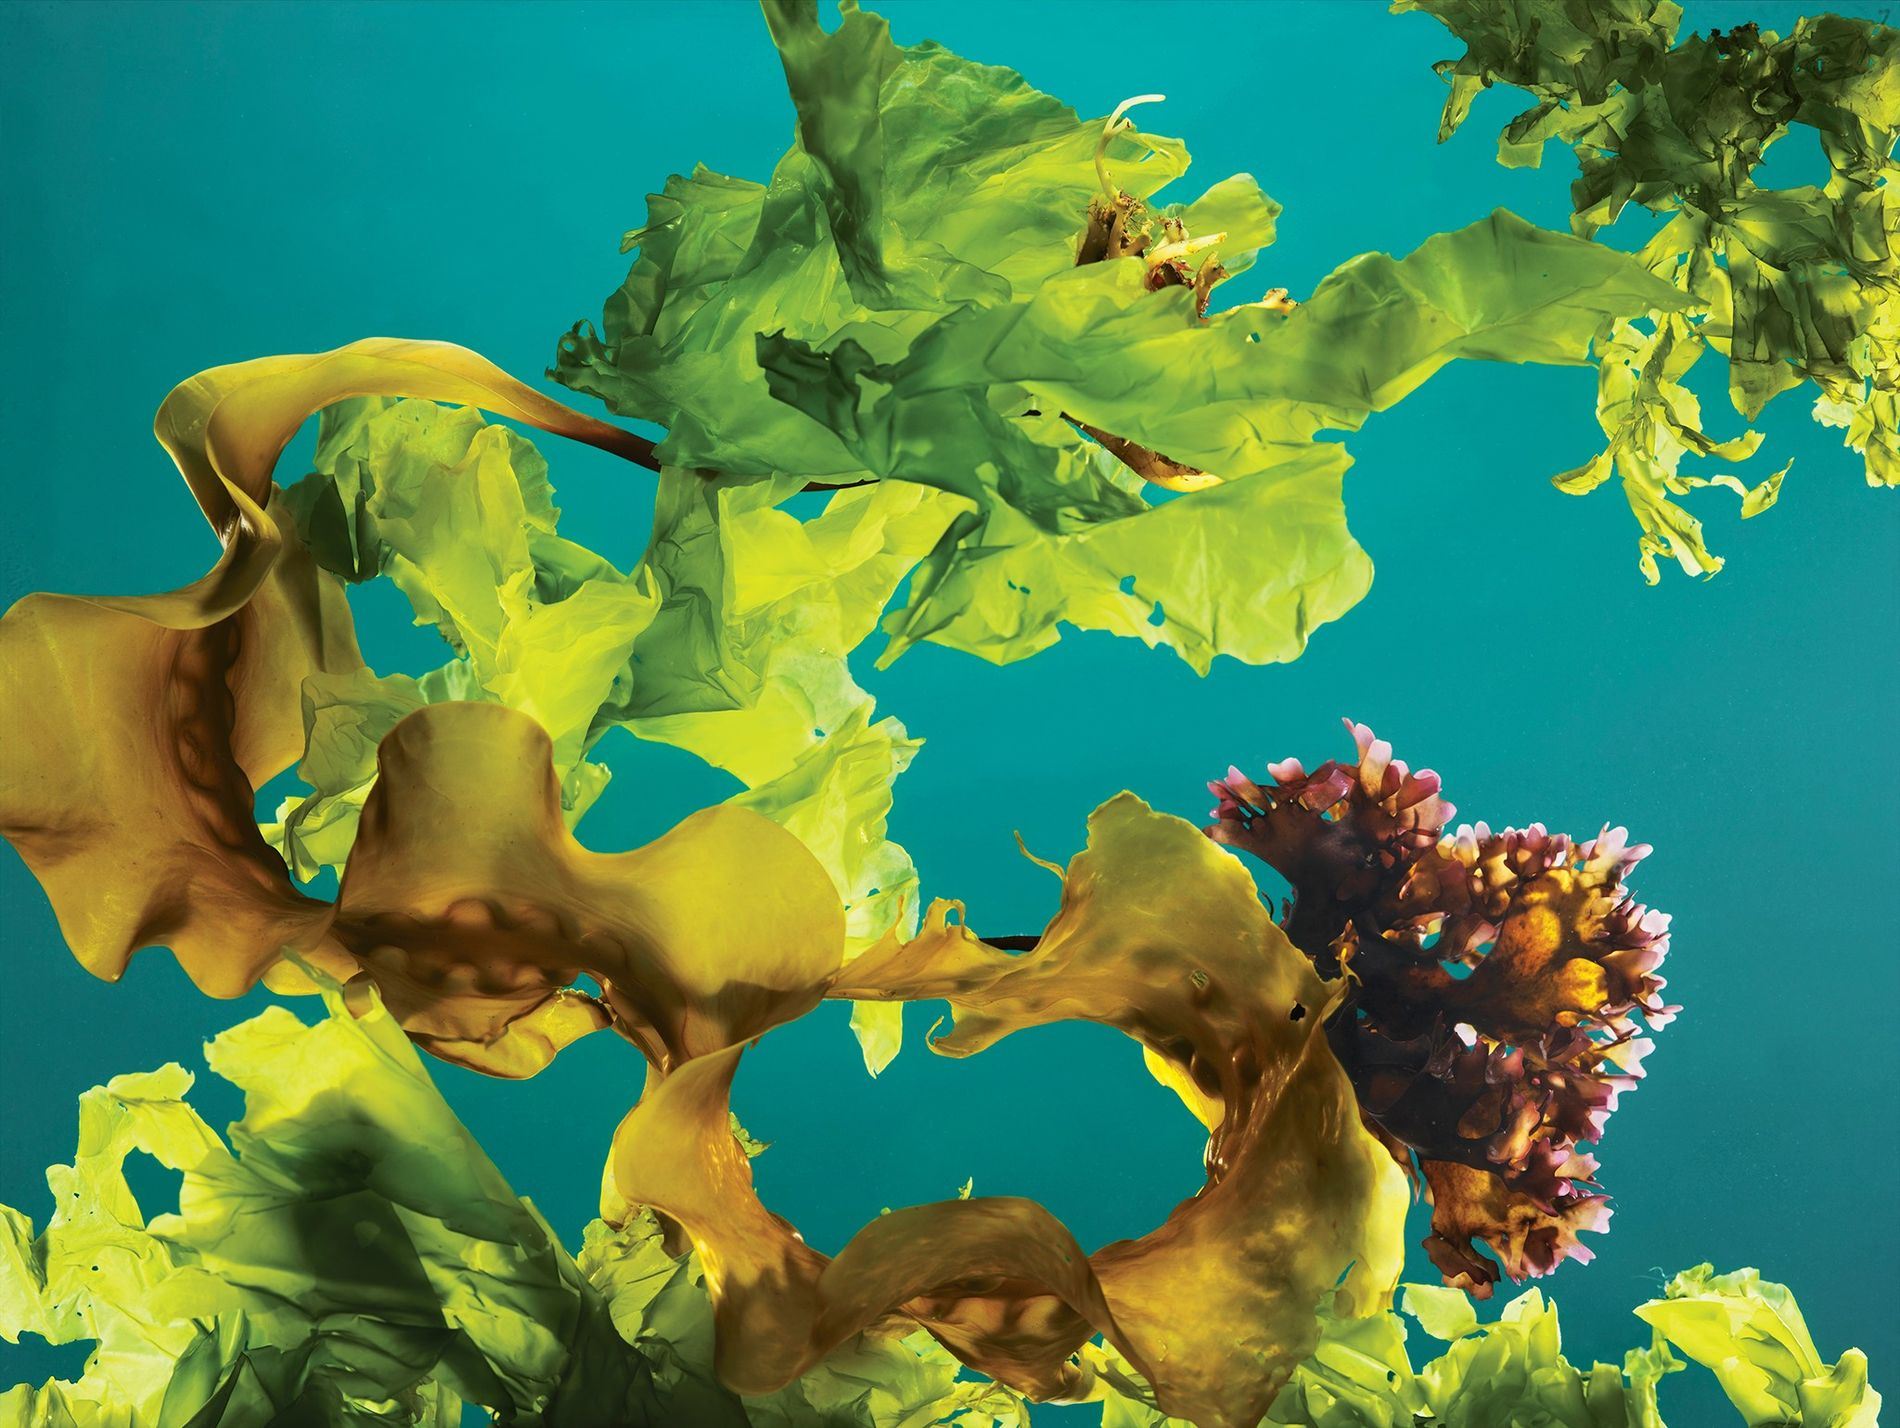 Algas Marinhas Podem Ajudar a Combater Alterações Climáticas